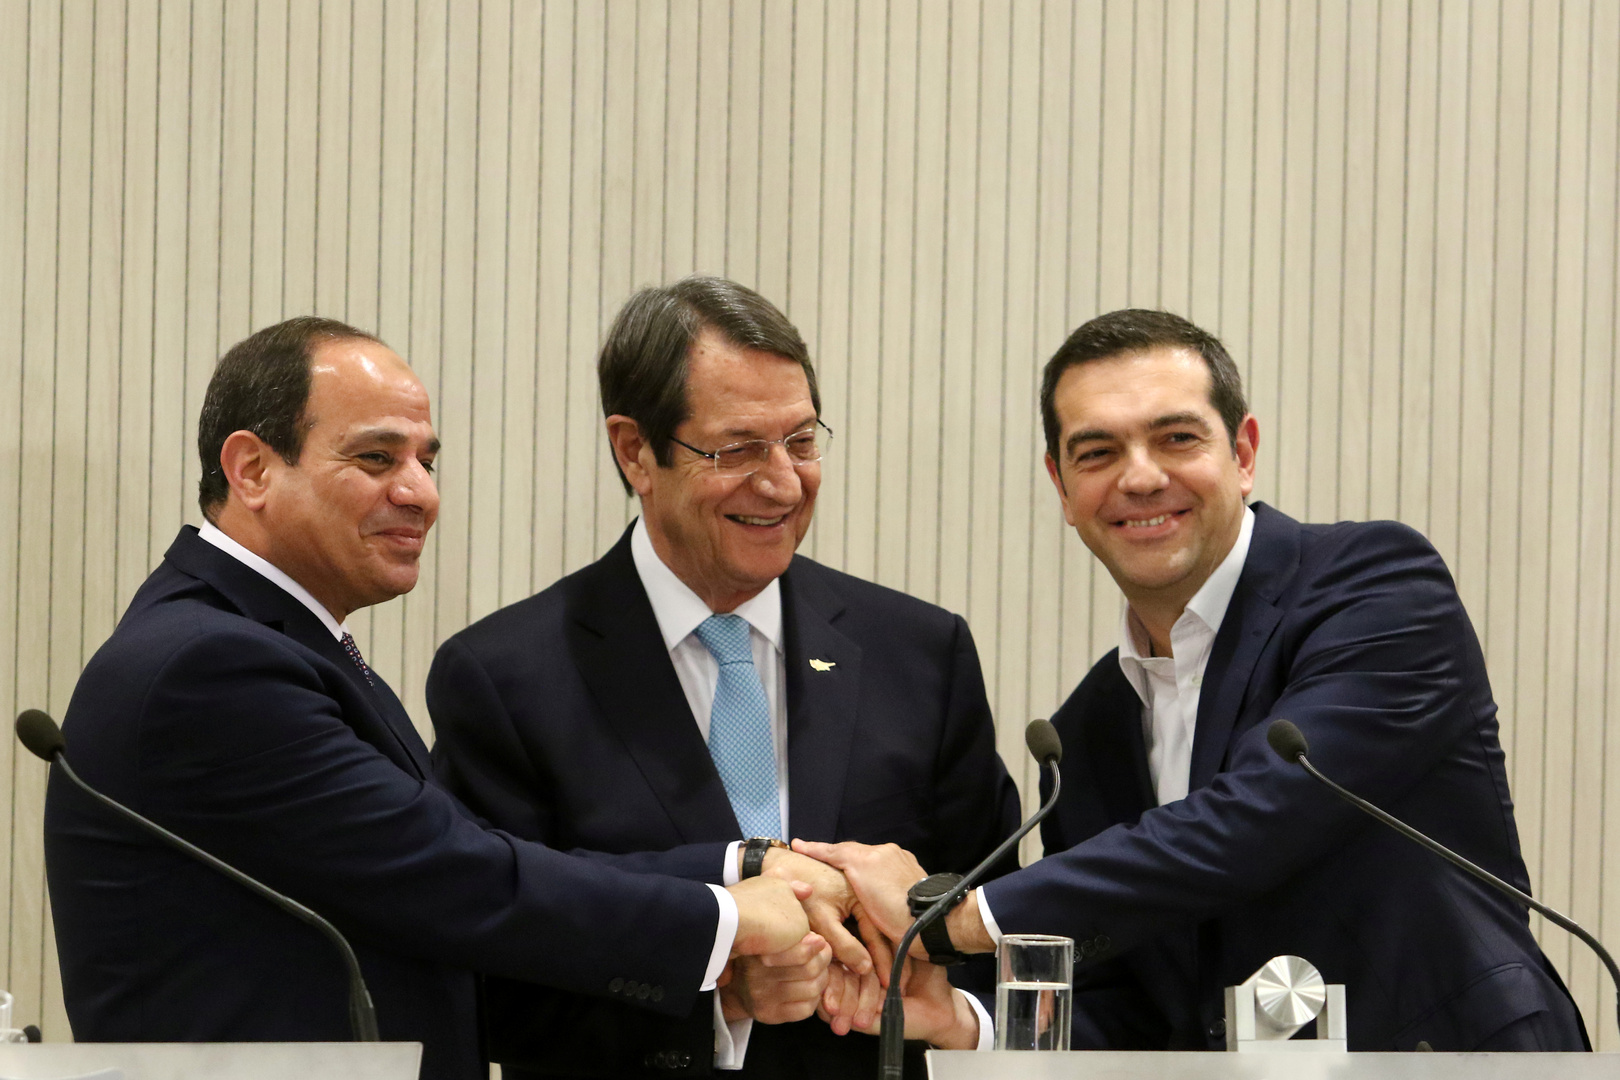 الرئاسة المصرية: قمة نيقوسيا تناقش تحديات شرق المتوسط